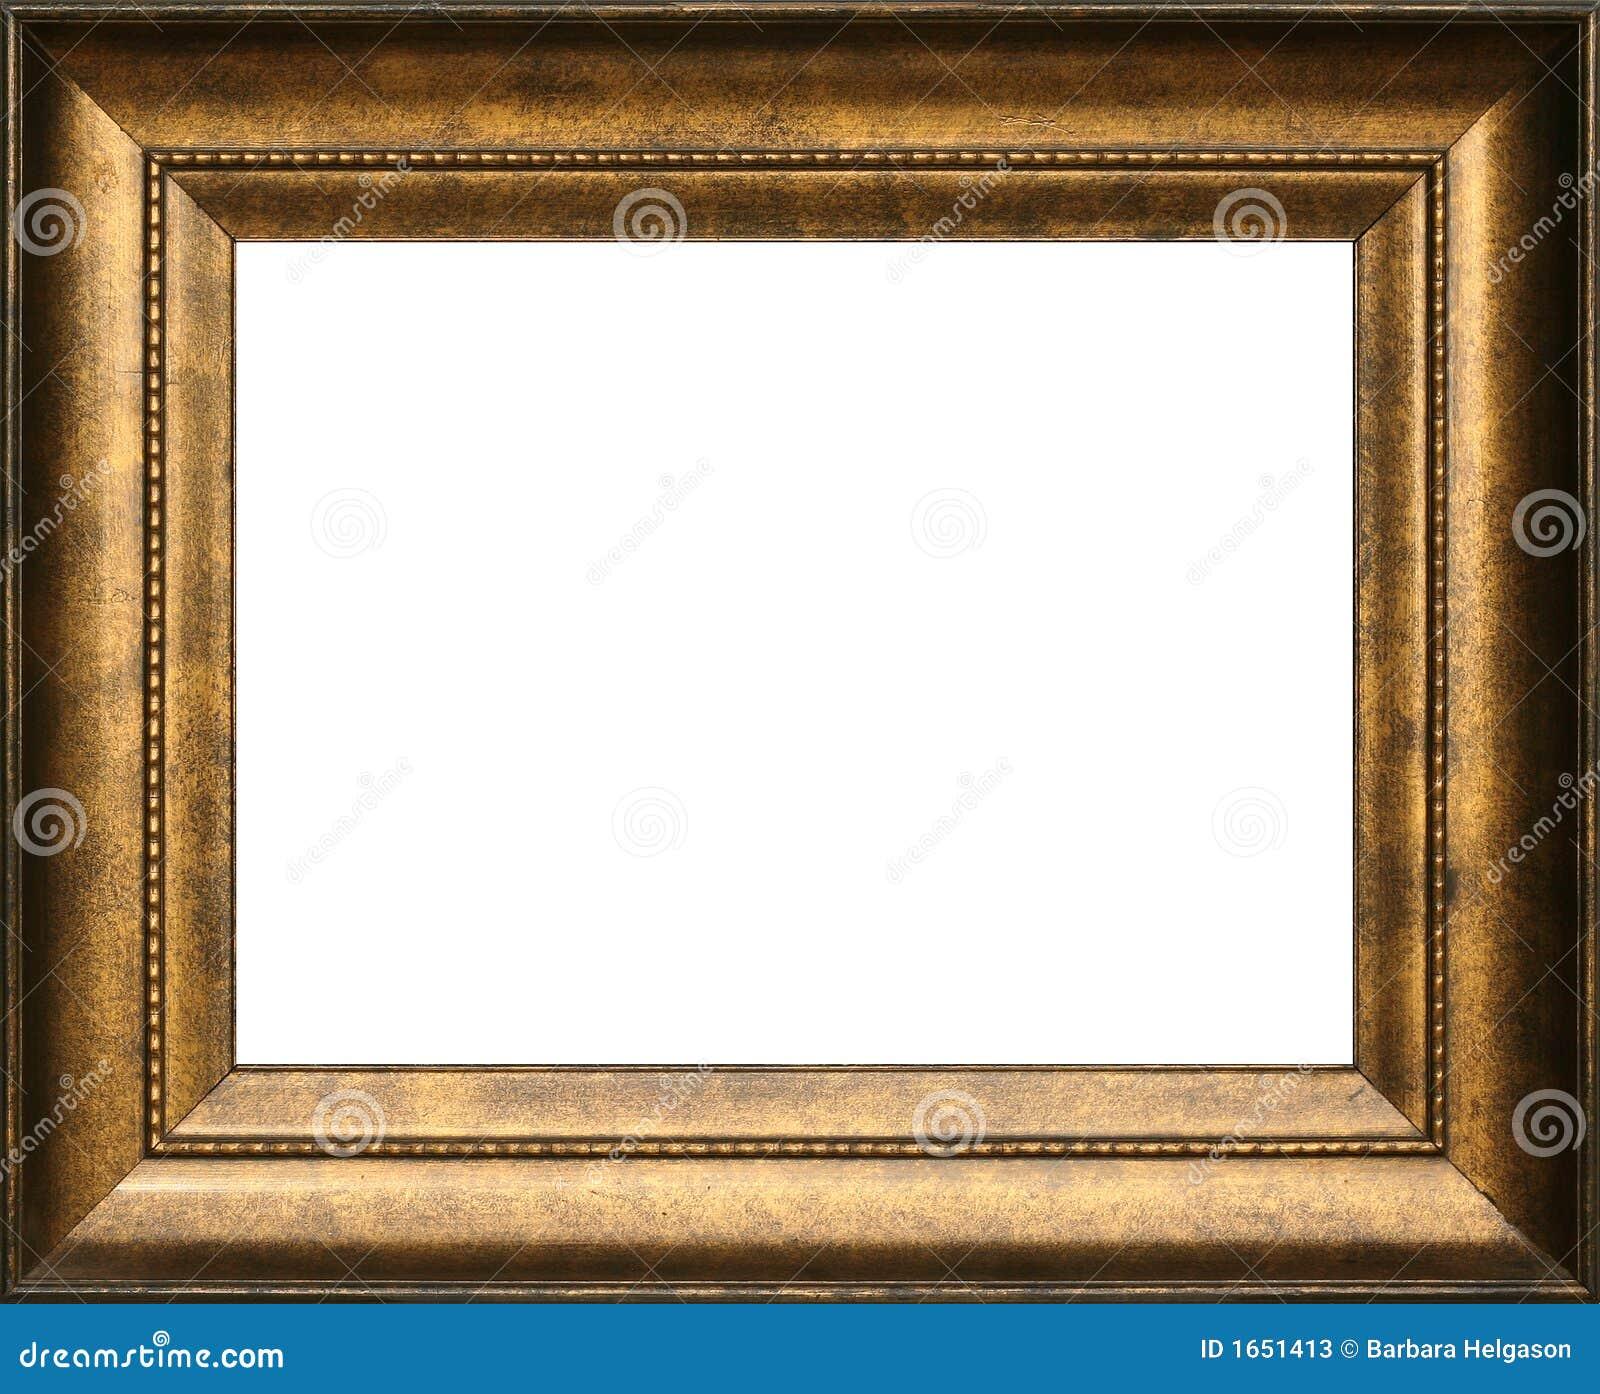 Marco antiguo fotos de archivo imagen 1651413 for Marco cuadro antiguo